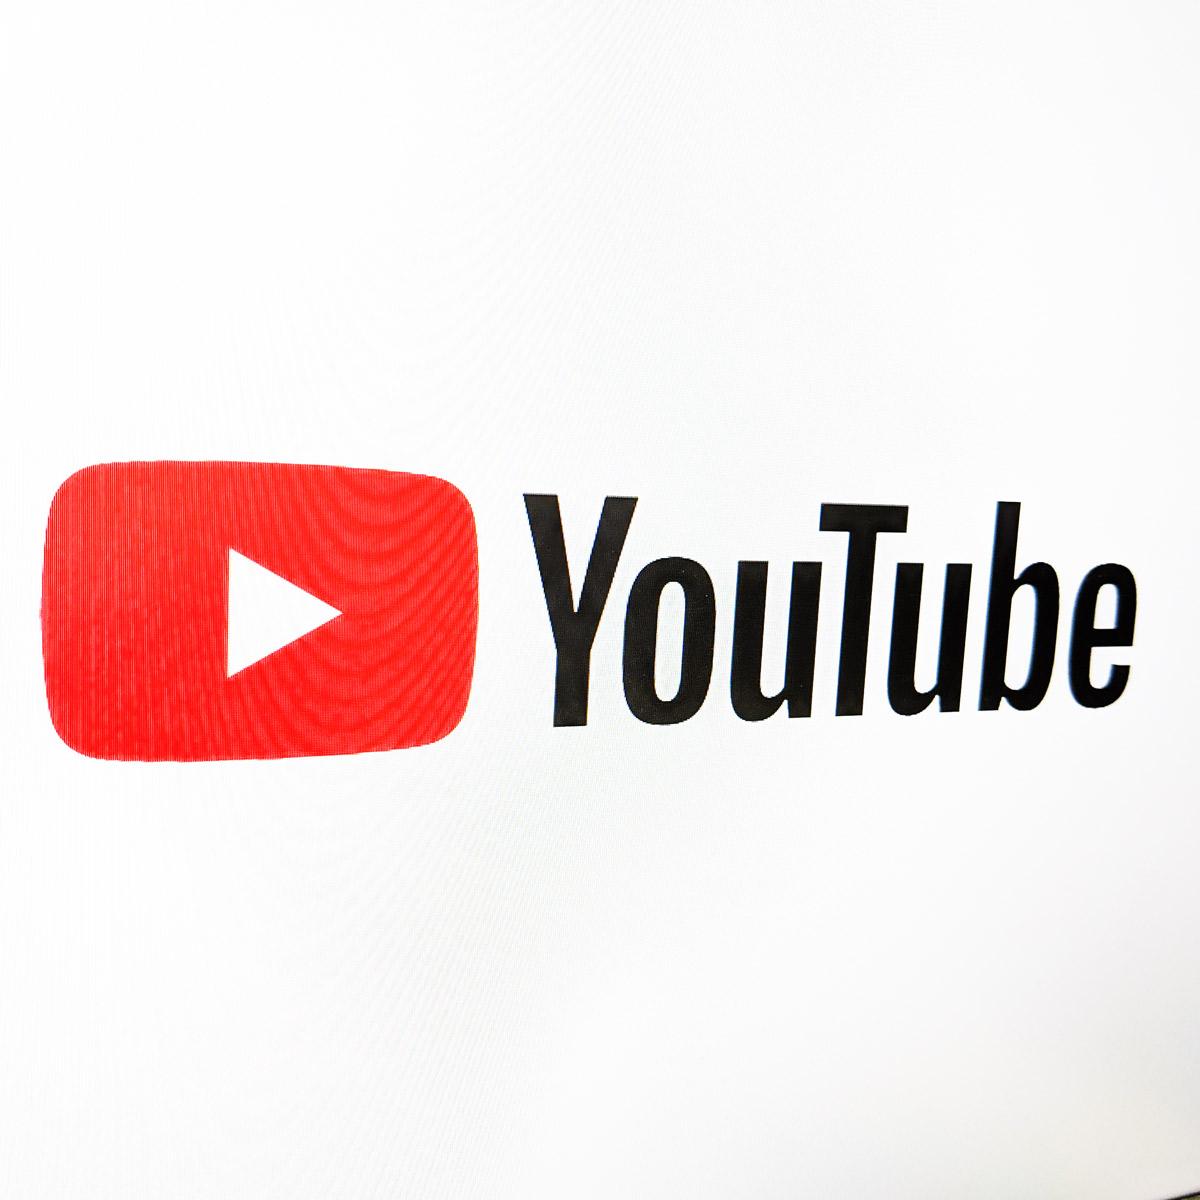 8歳の少年が約28億円で1位。YouTuber年収ランキング公開